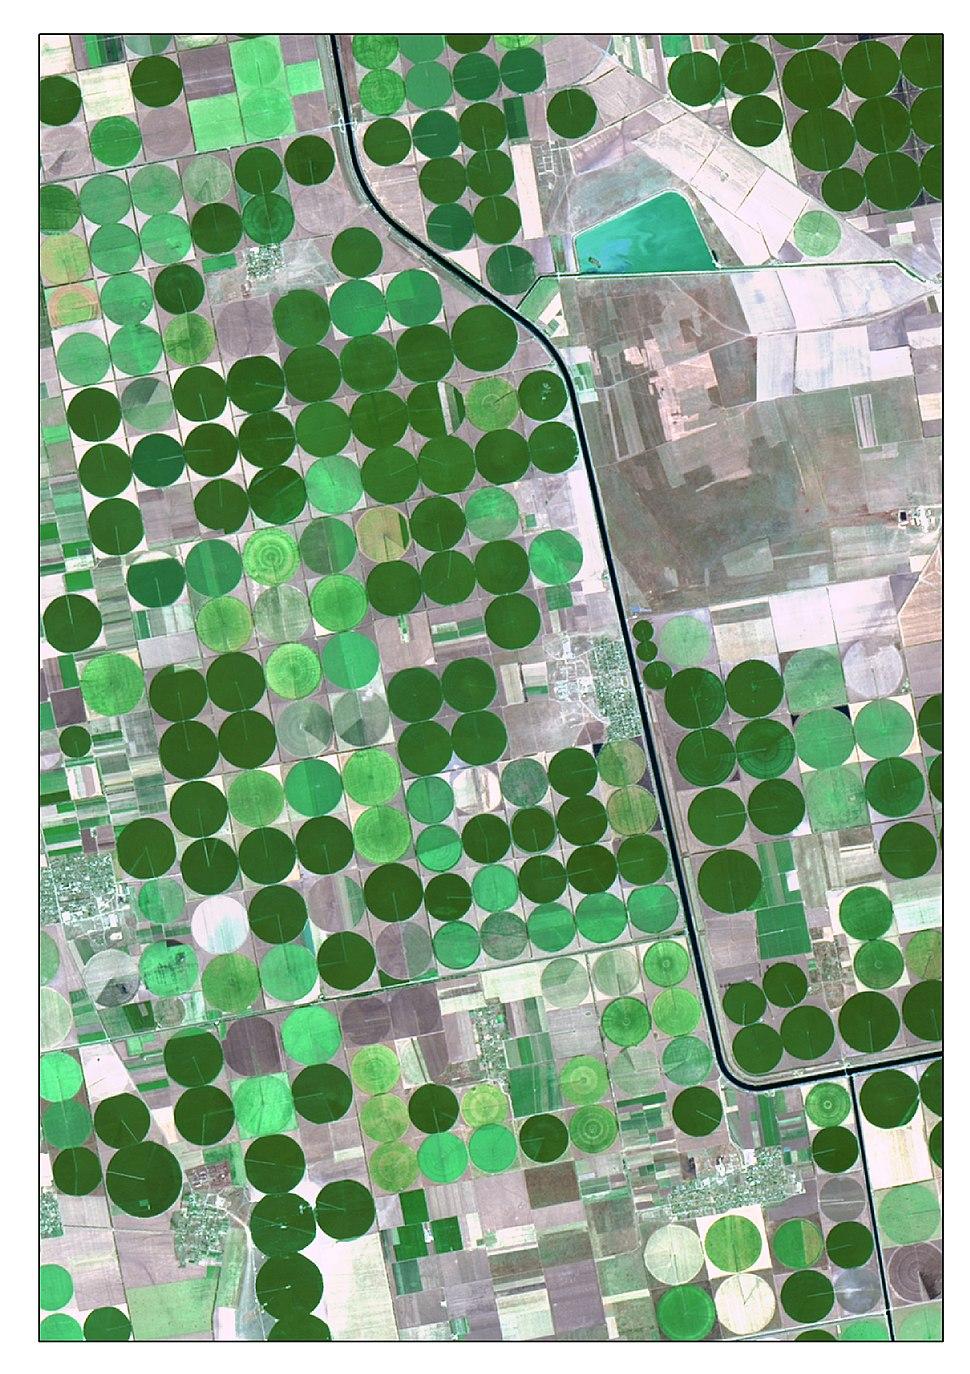 Irrigation Landsat8